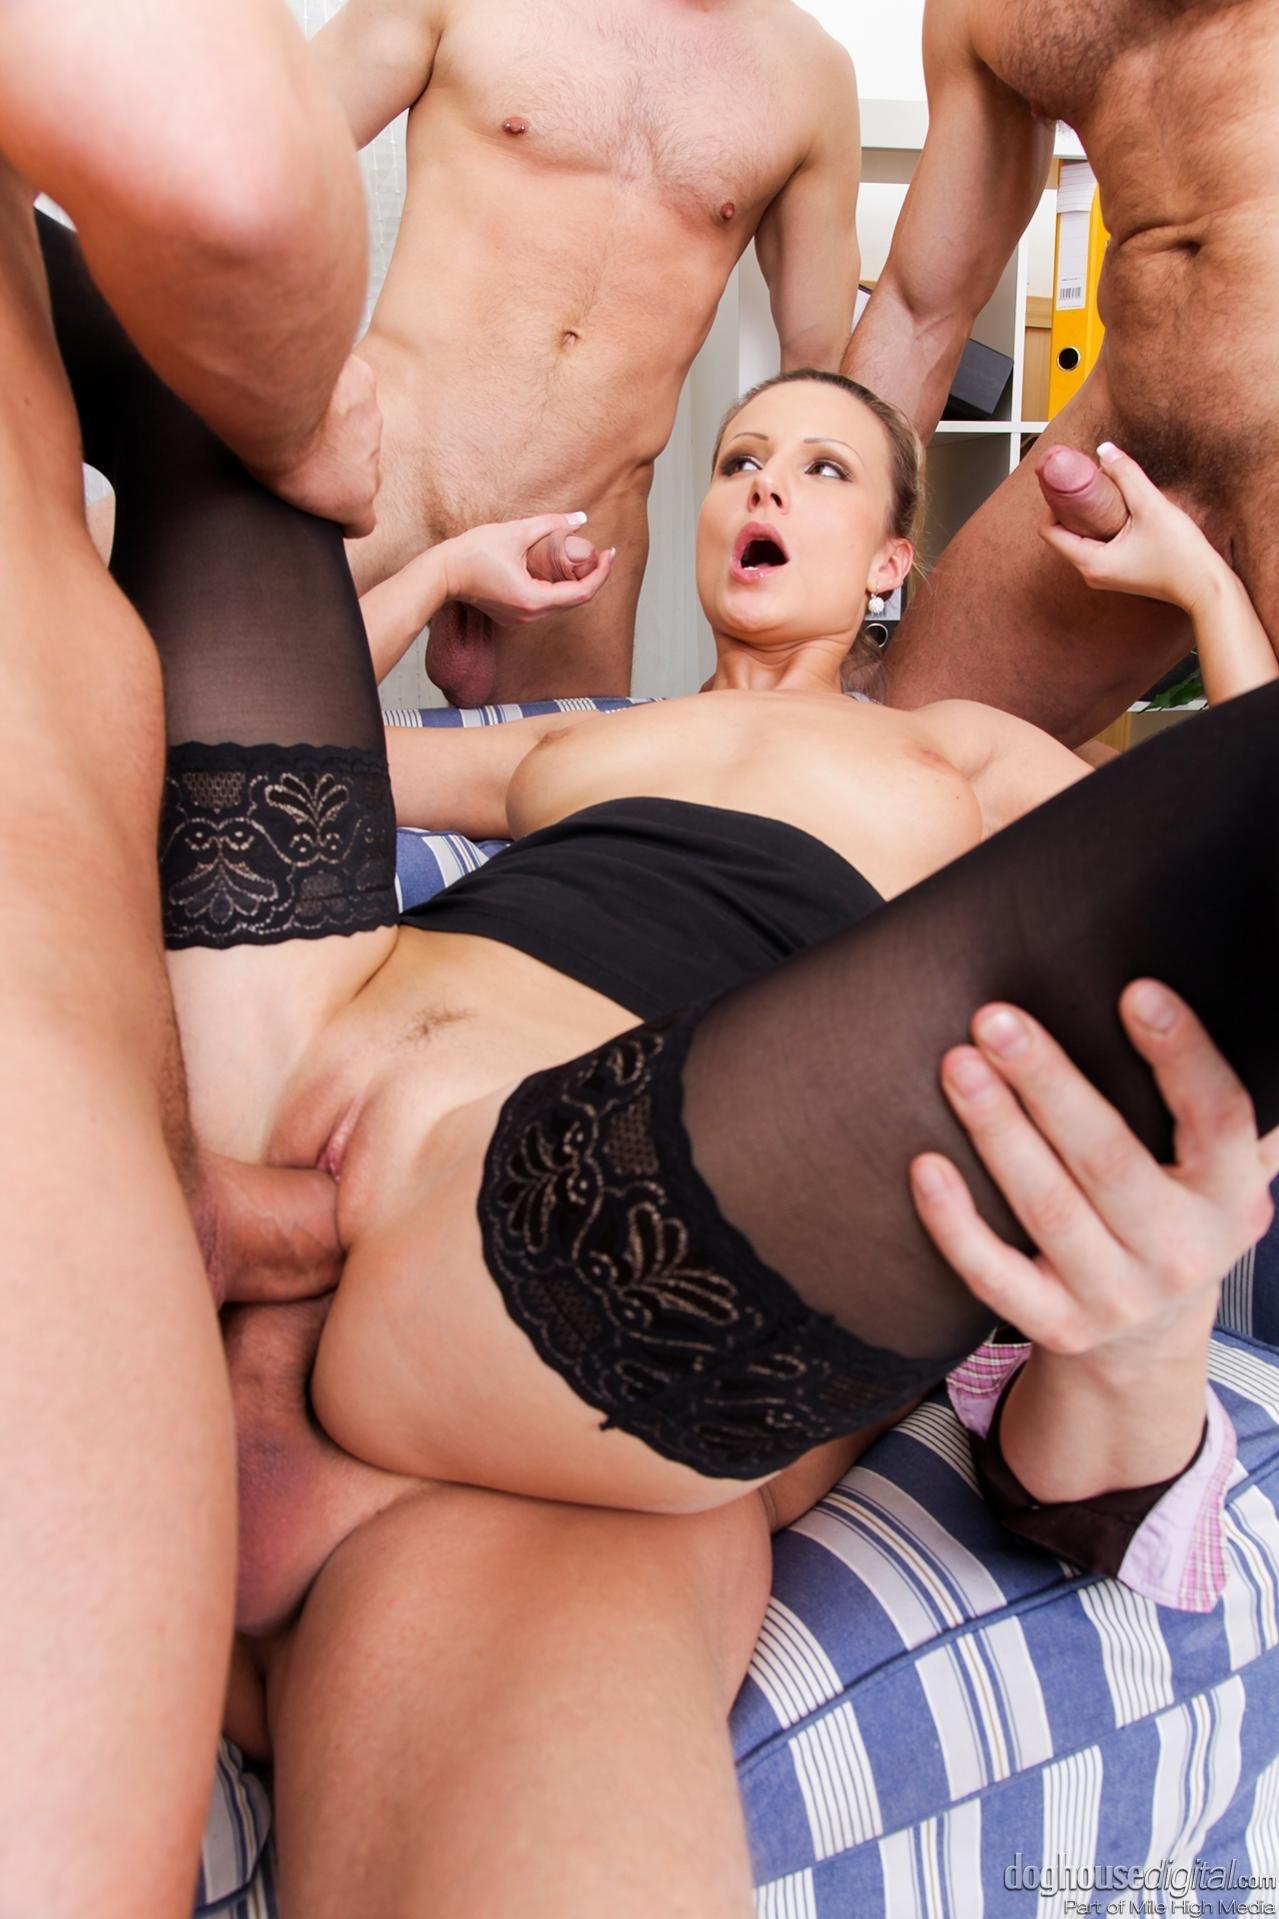 Двойное Проникновение Порно и Секс Видео Смотреть Онлайн ...